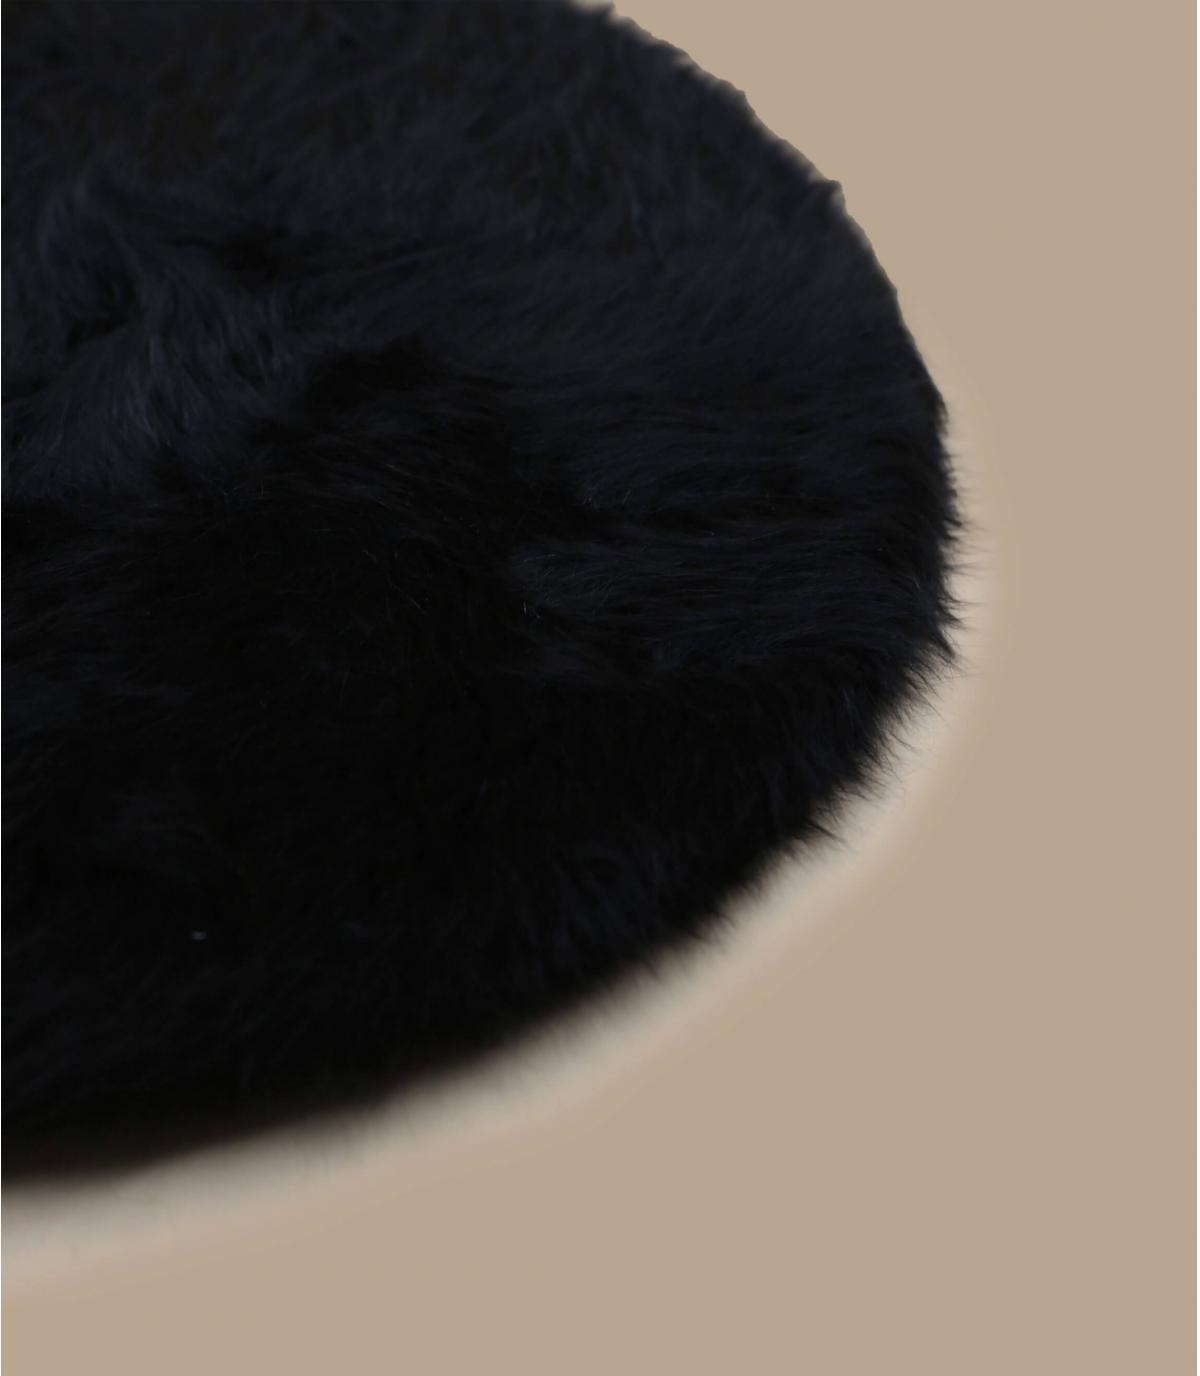 Détails Beret angora noir - image 3